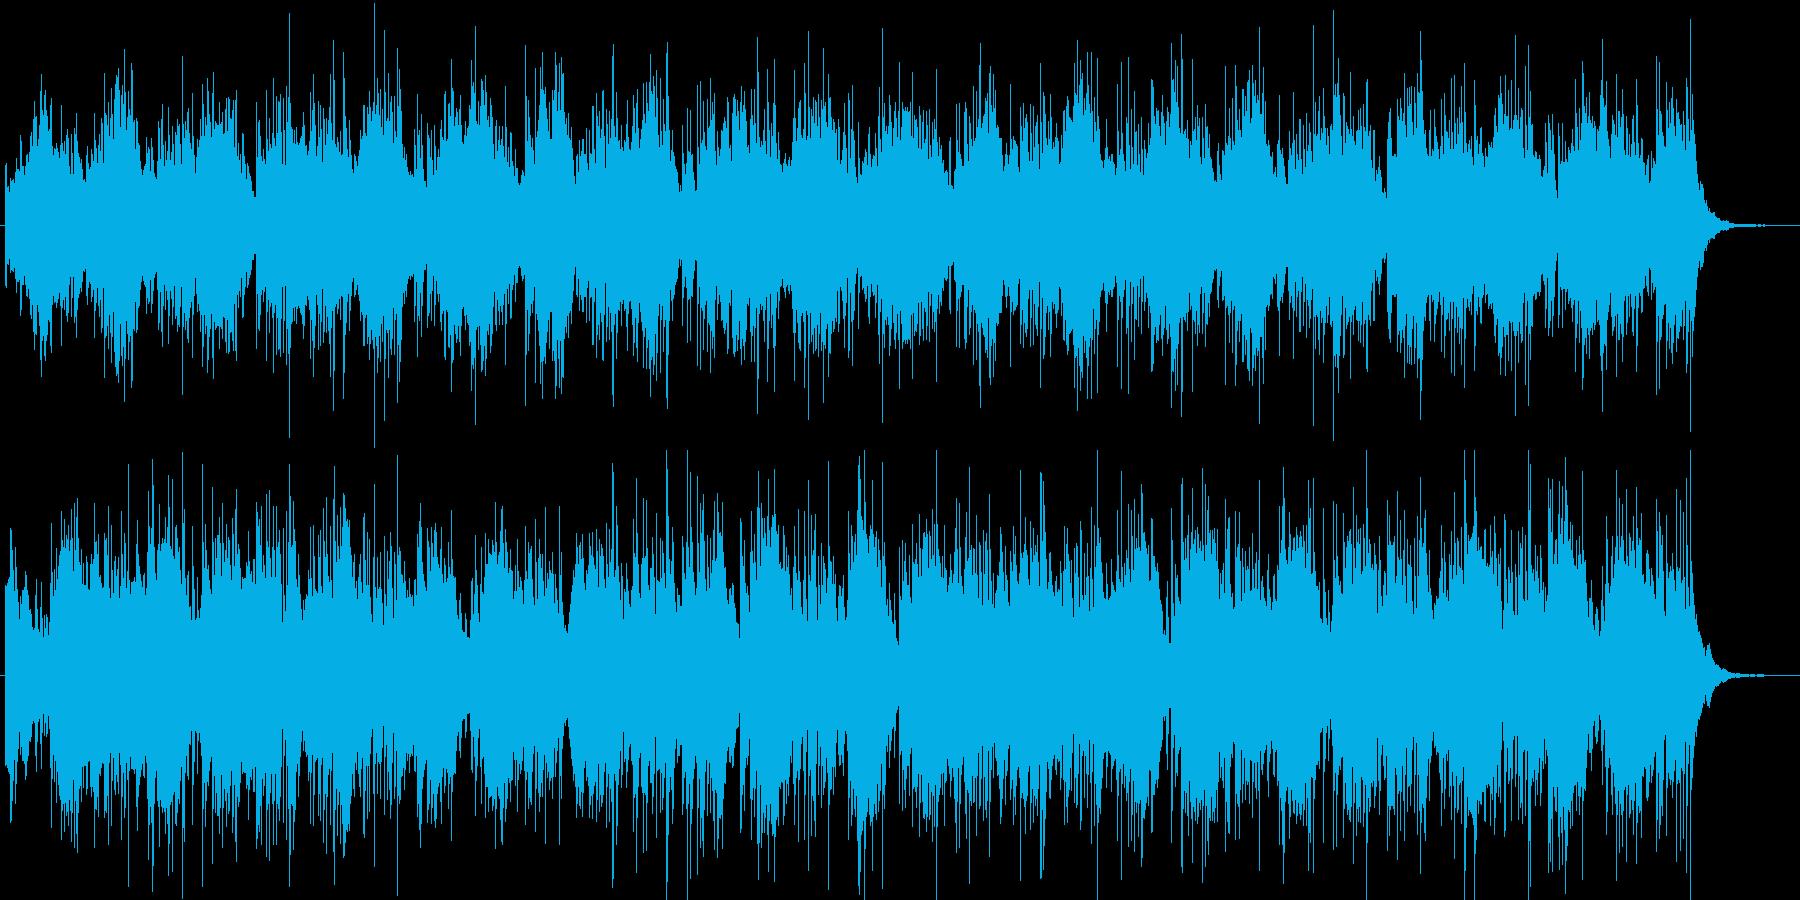 麻薬による幻覚作用の再生済みの波形